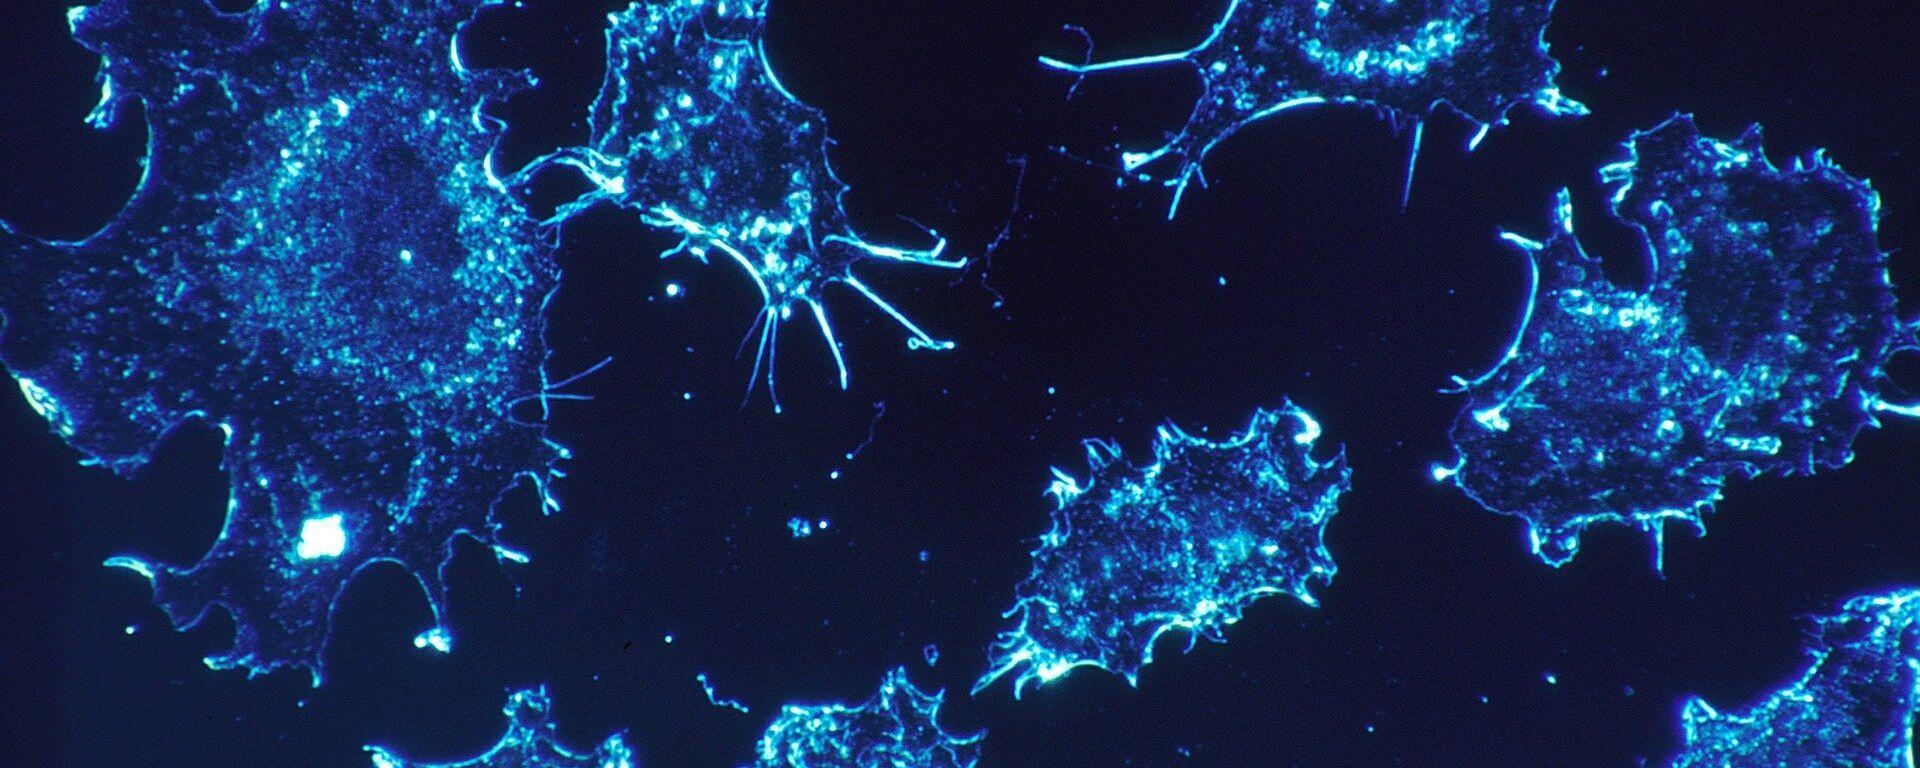 Καρκινικά κύτταρα - Sputnik Ελλάδα, 1920, 13.10.2021